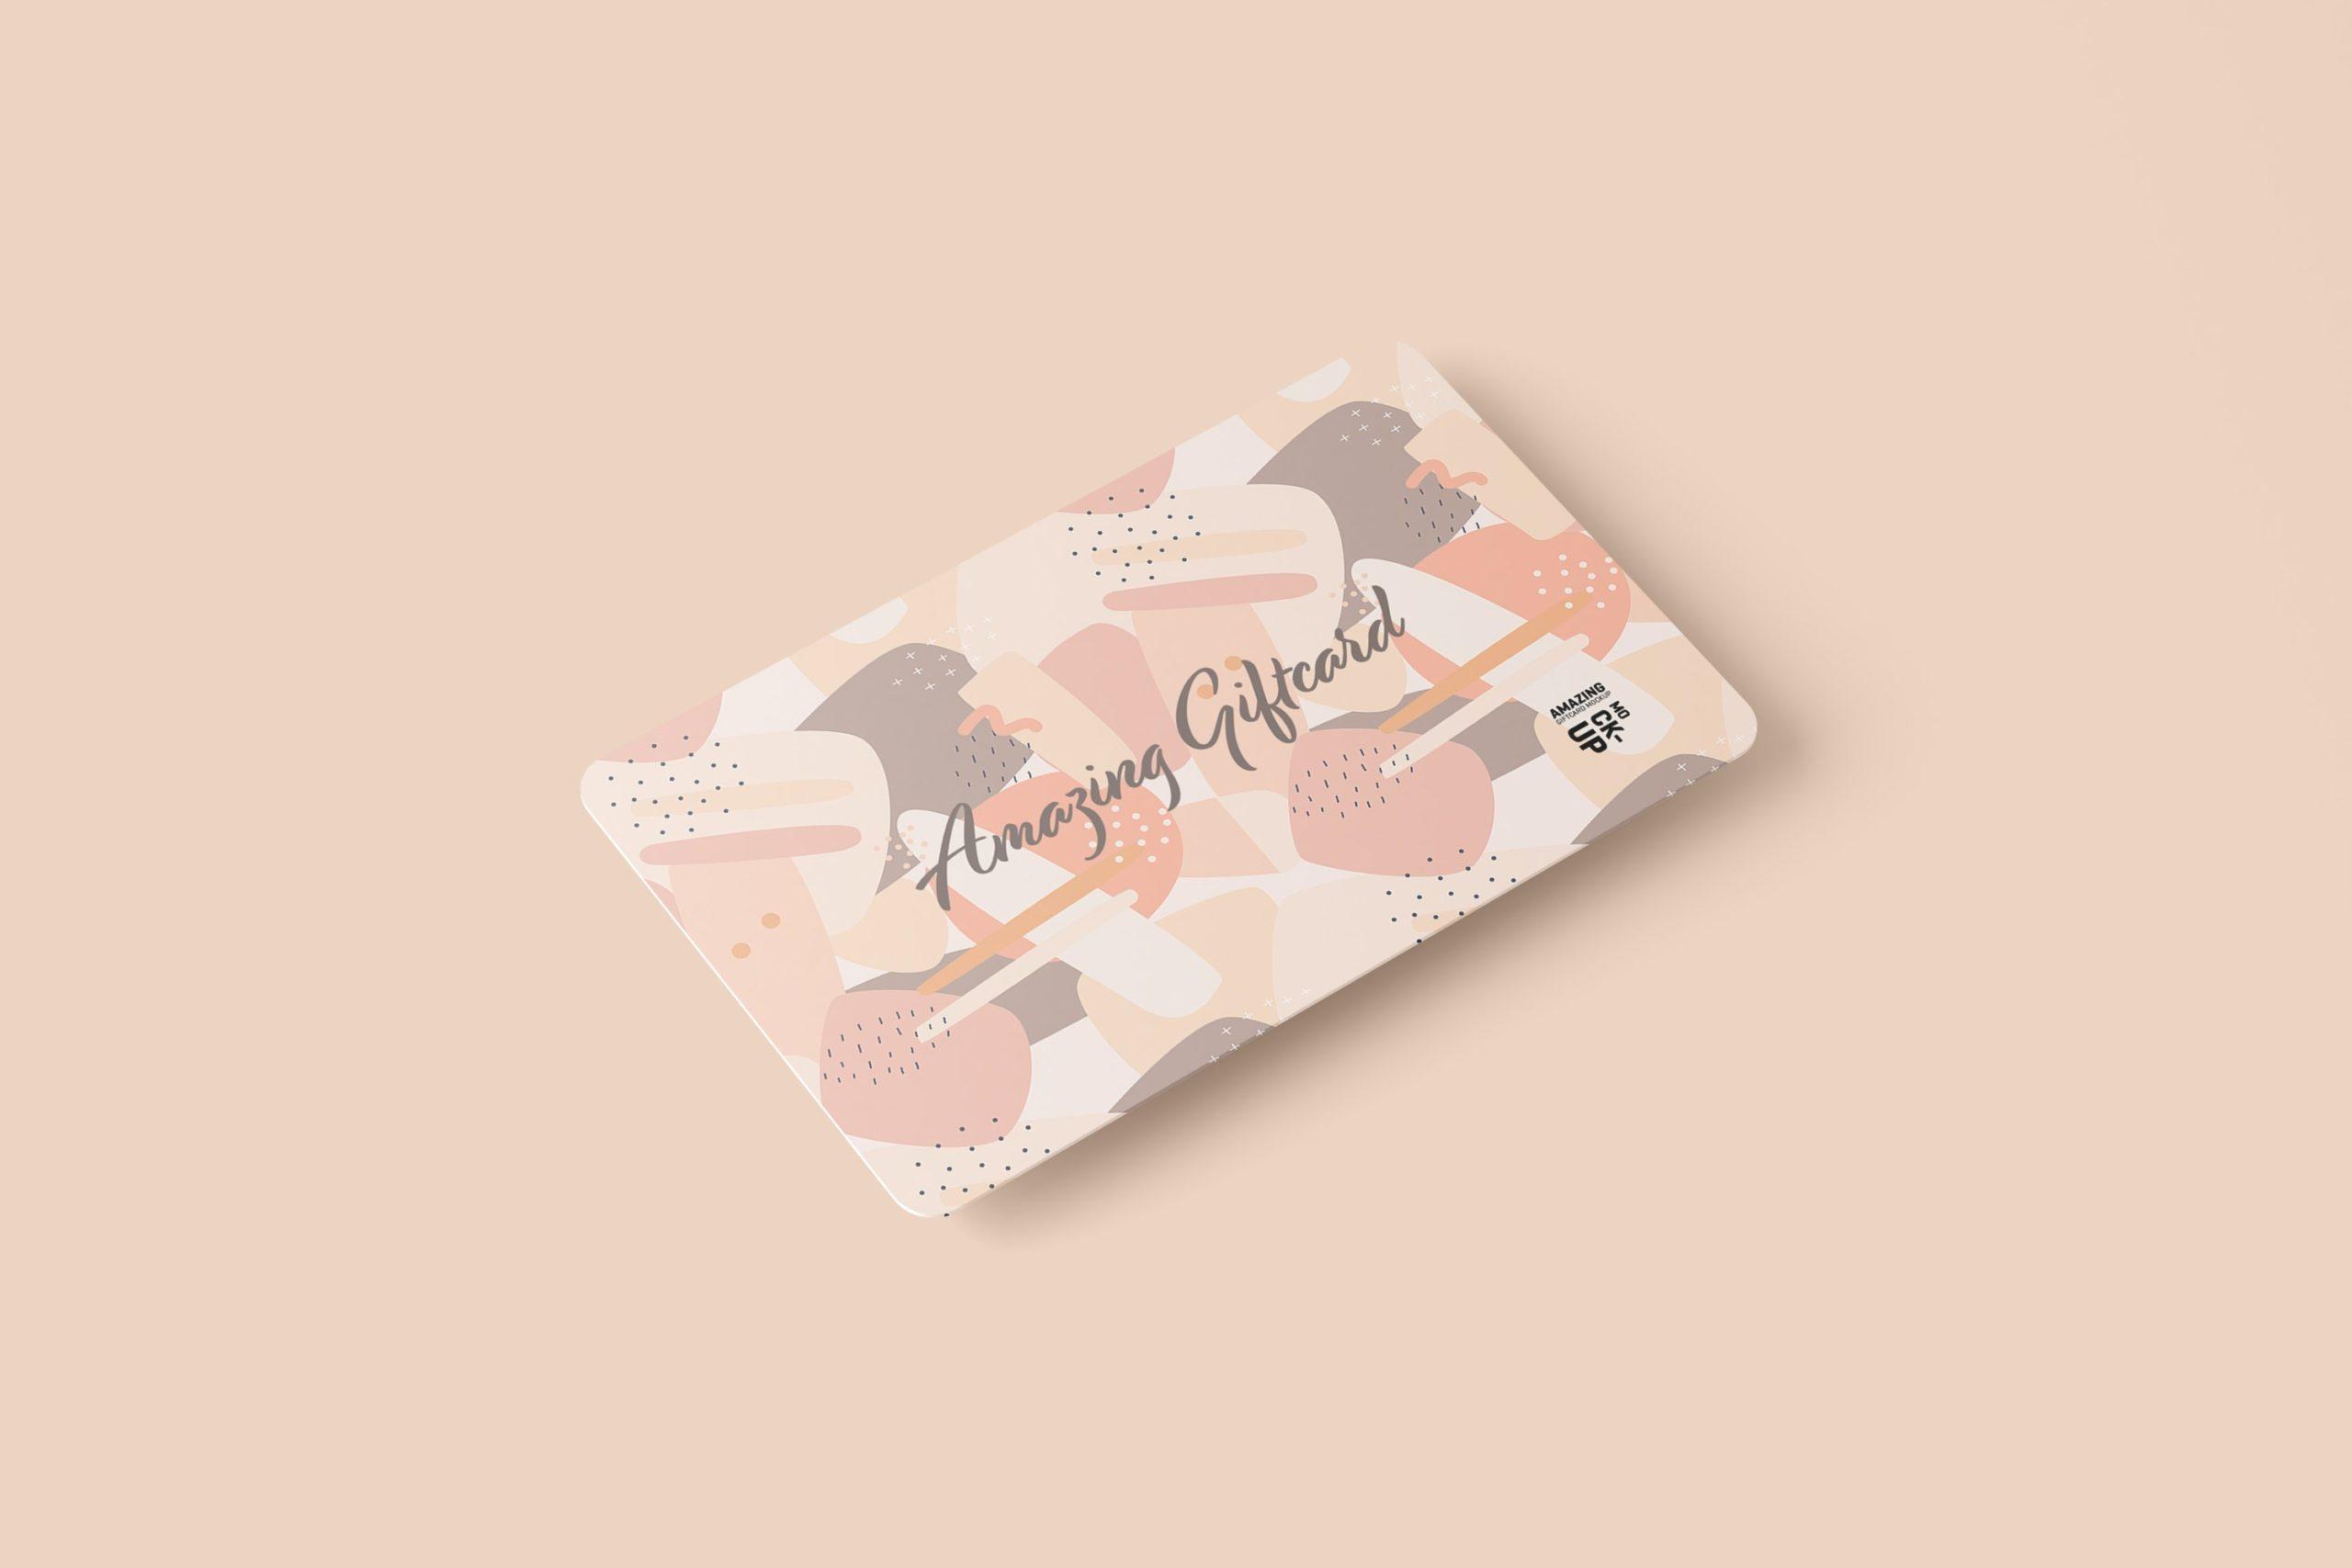 11款名片礼品卡设计展示贴图样机模板 Gift Card Mockup插图3